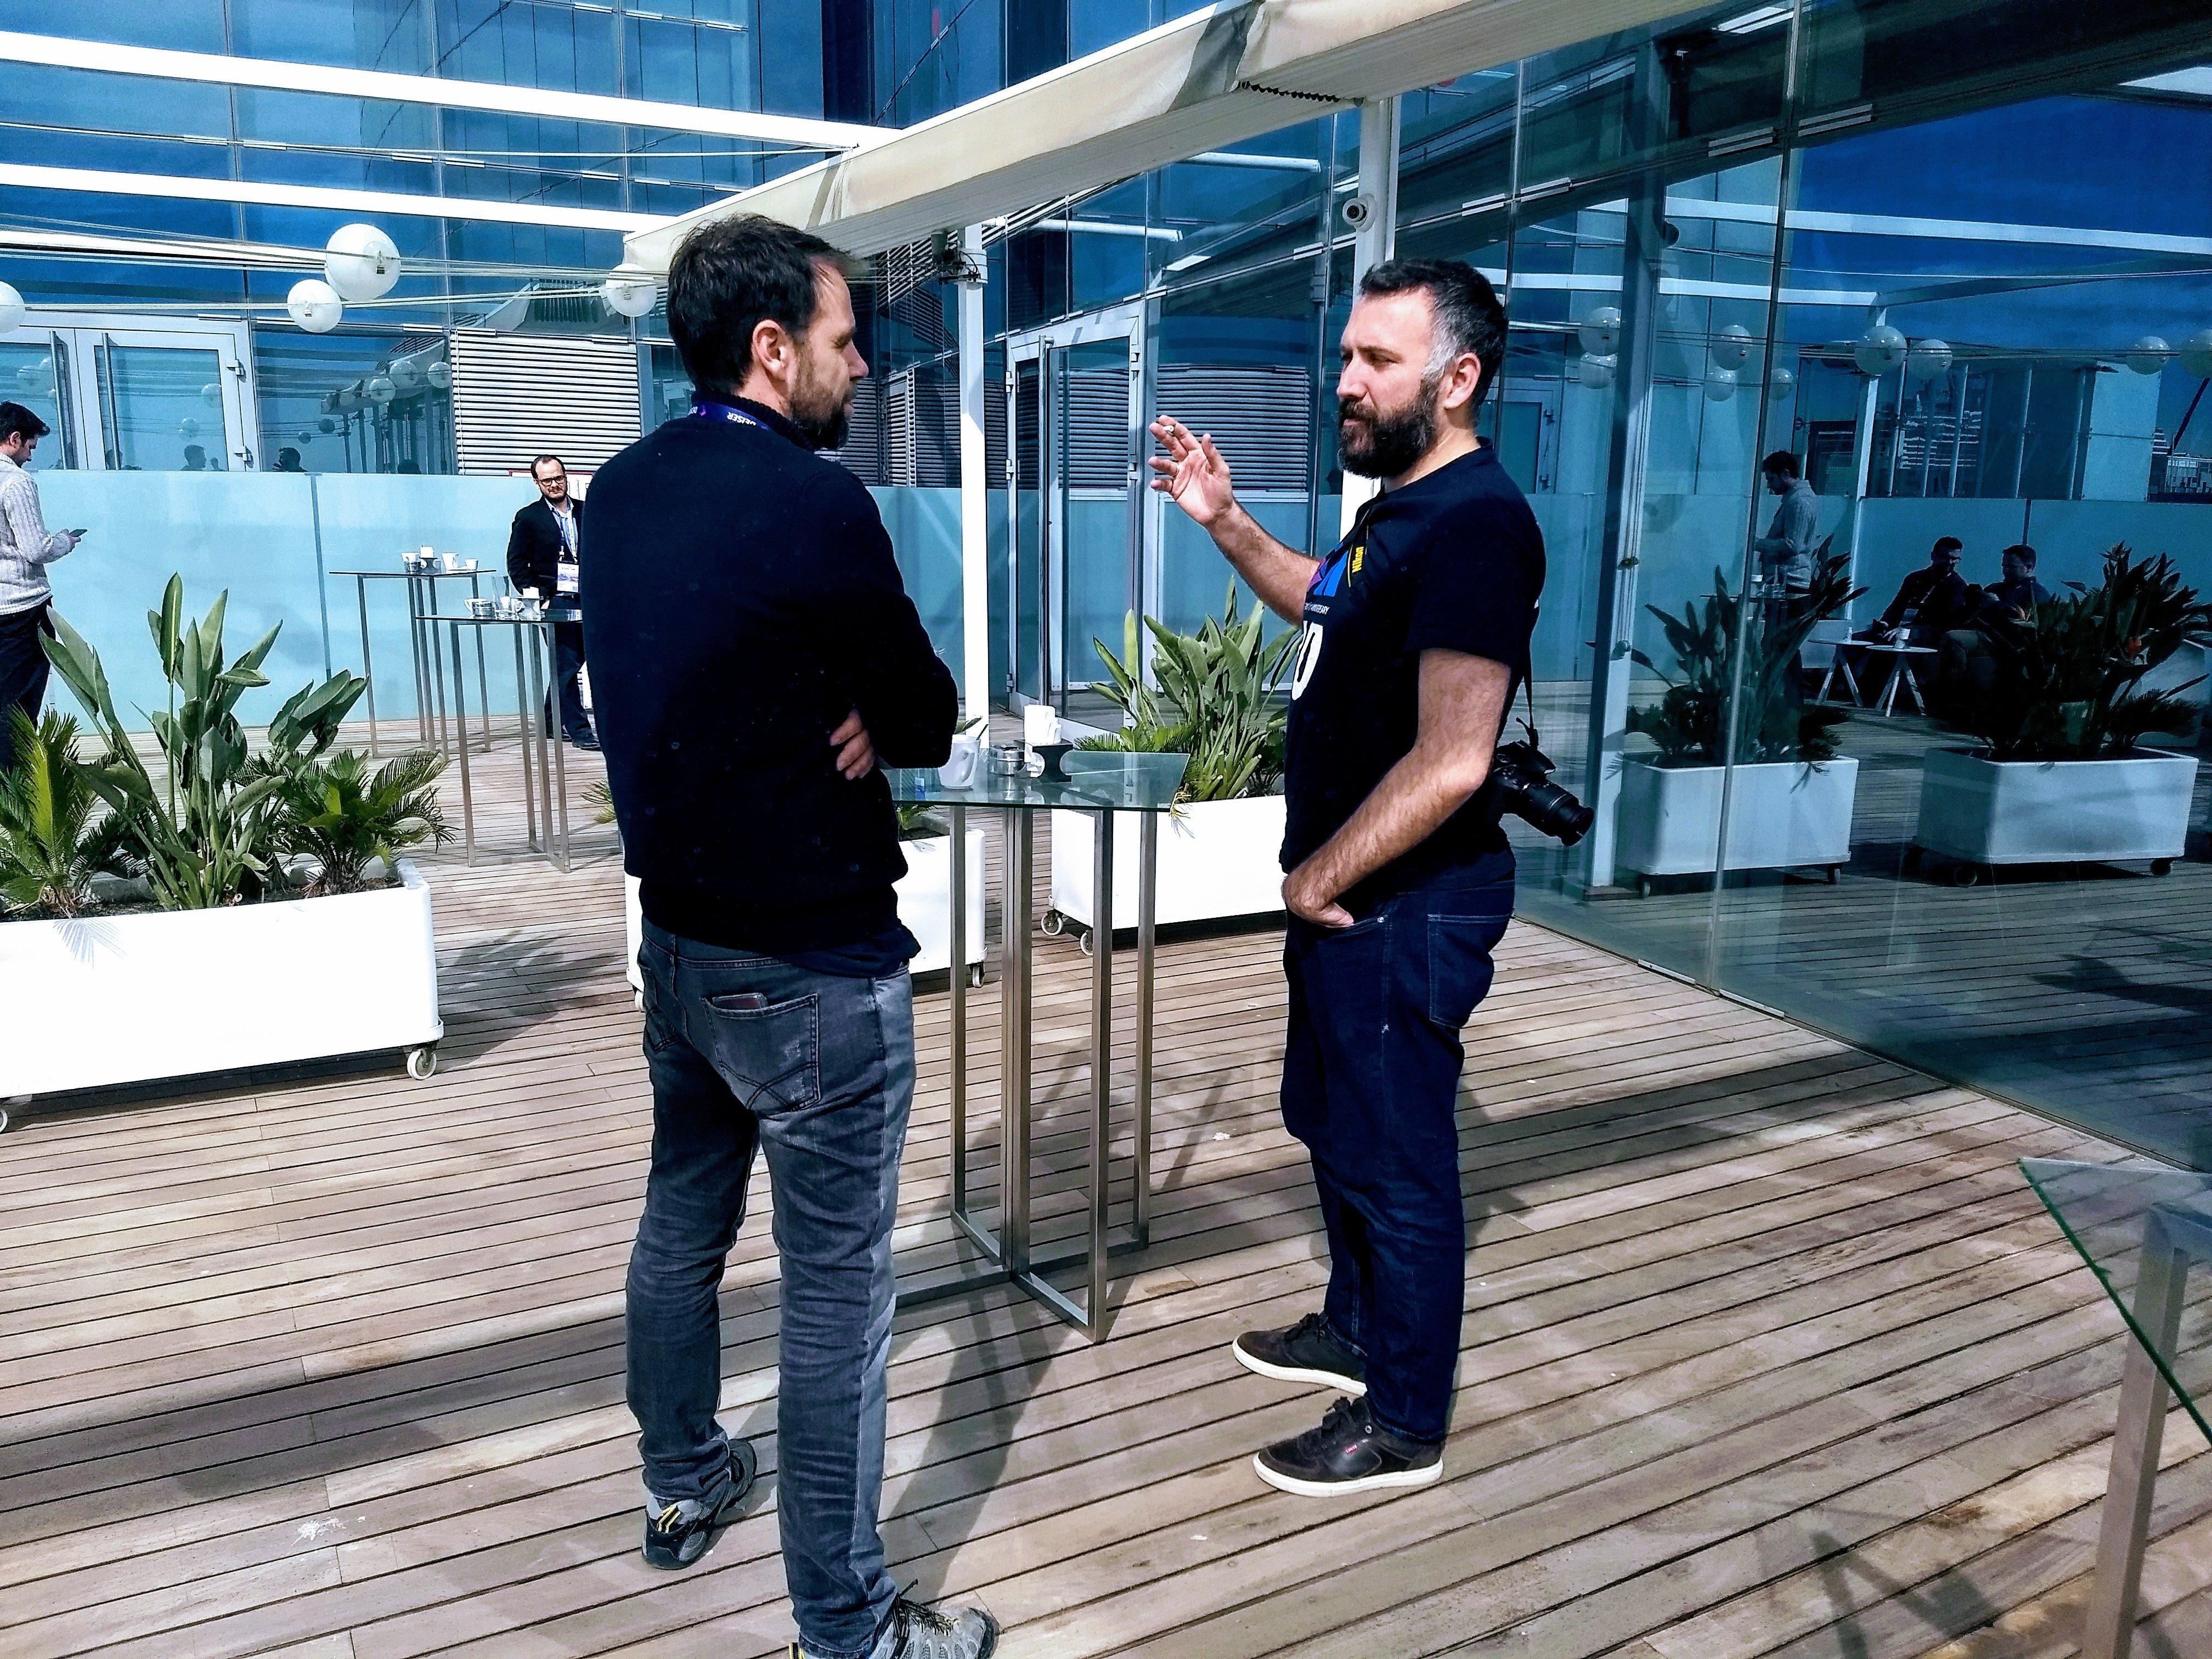 Jira Service Desk de Atlassian el tema de conversación principal del DEISER TOUR.